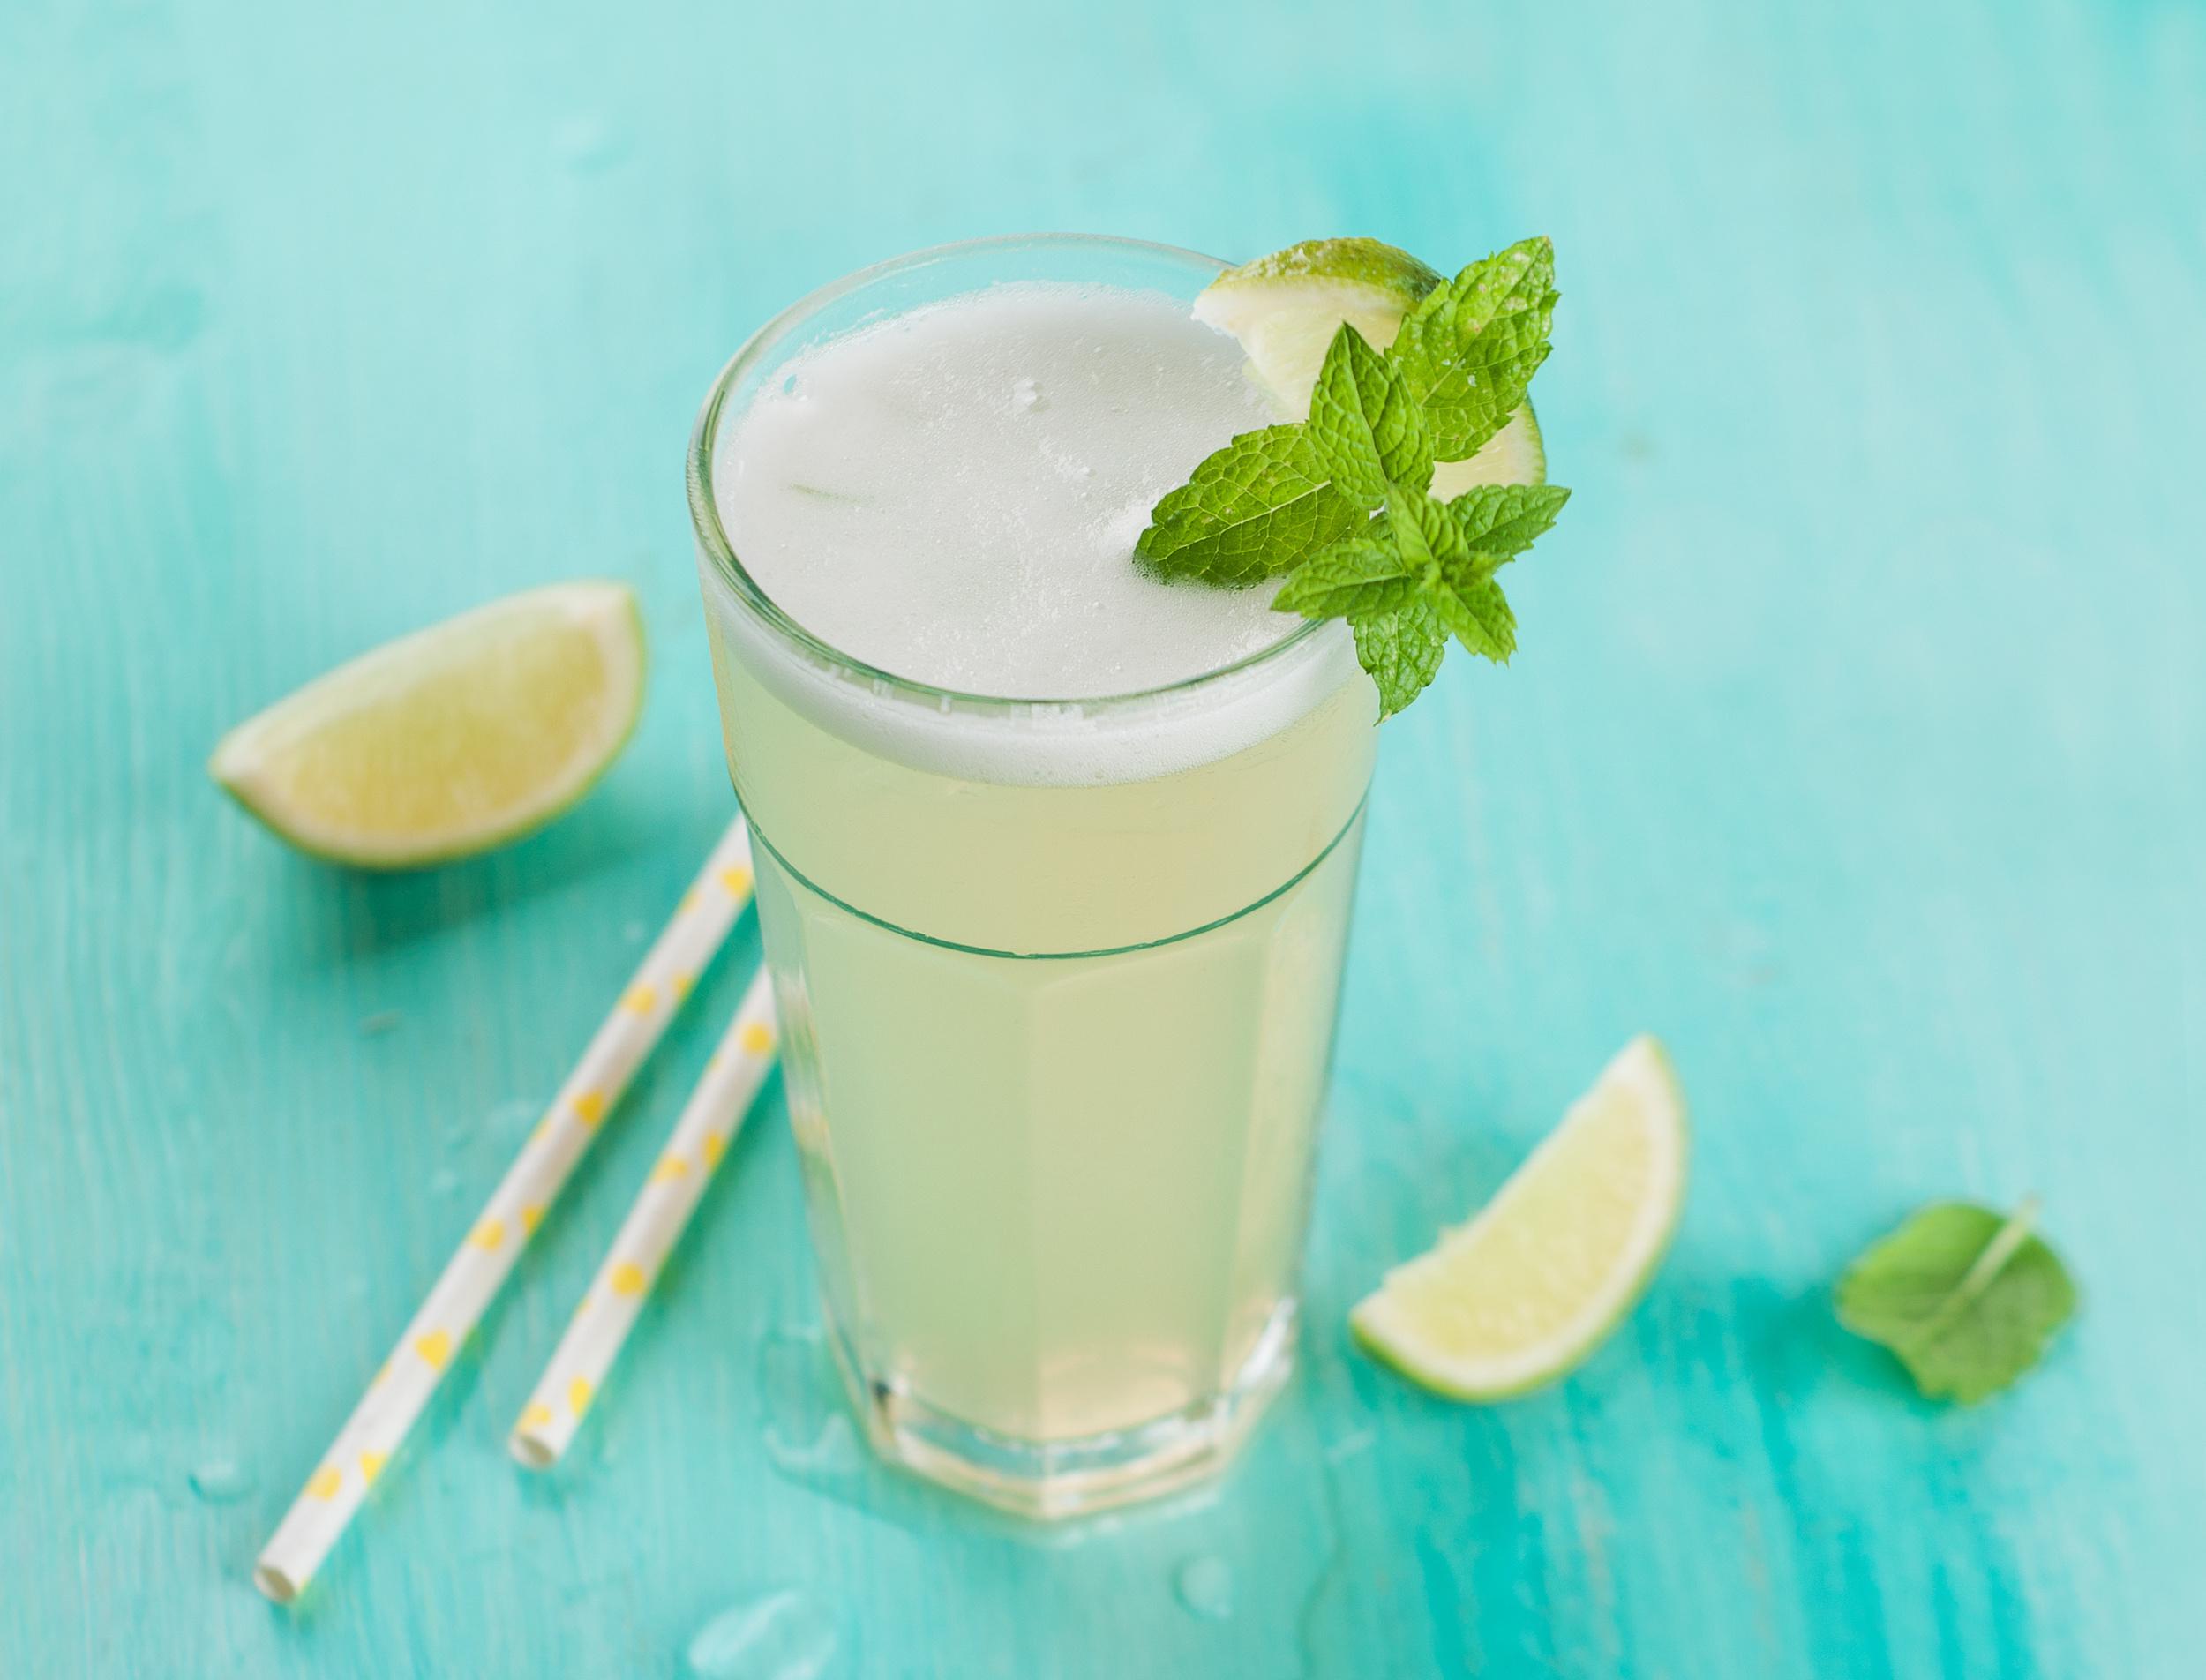 coconut water lime.jpg